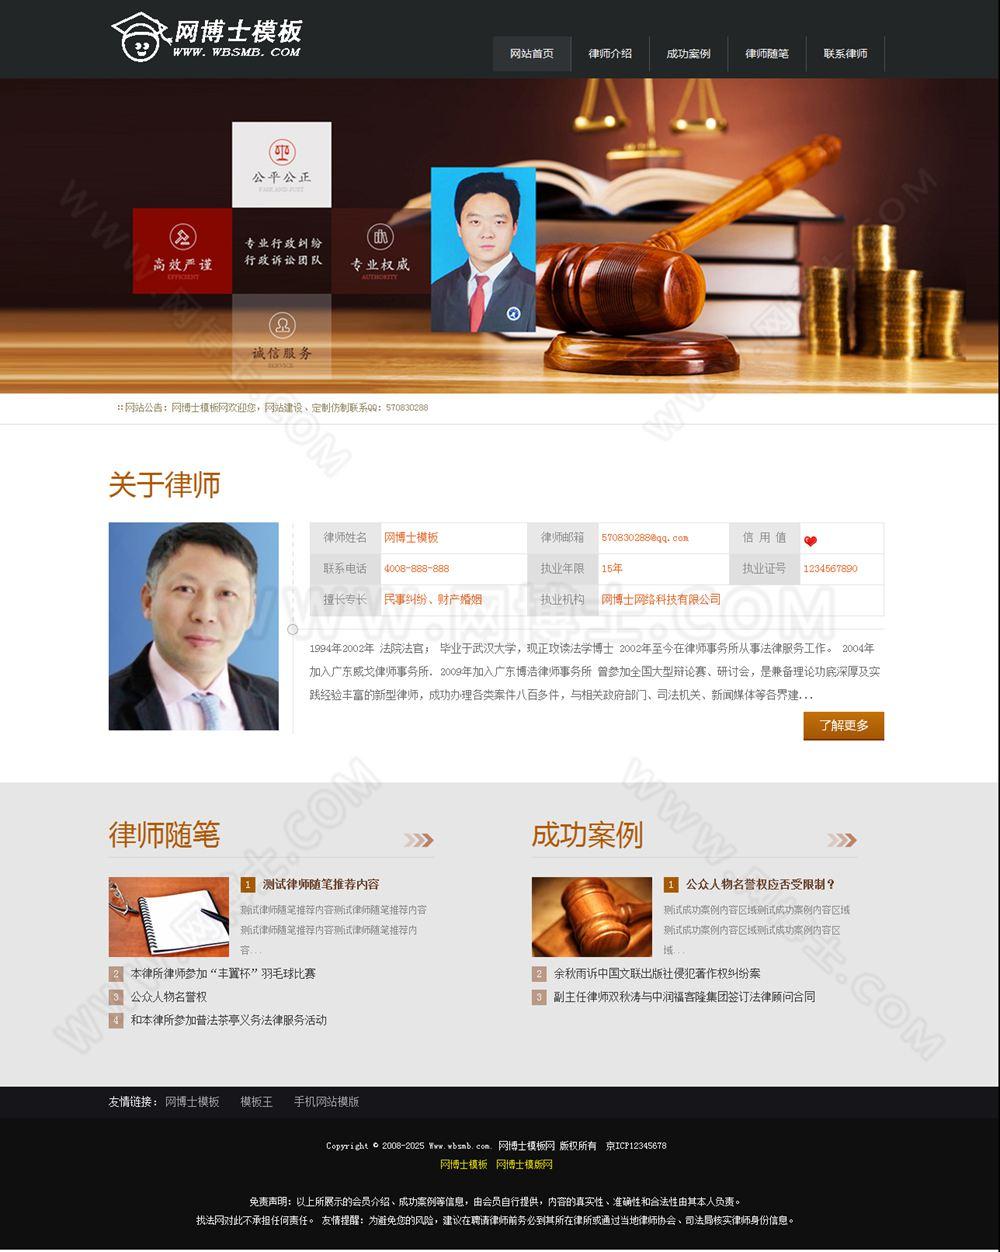 律师个人网站源码 律师网模版